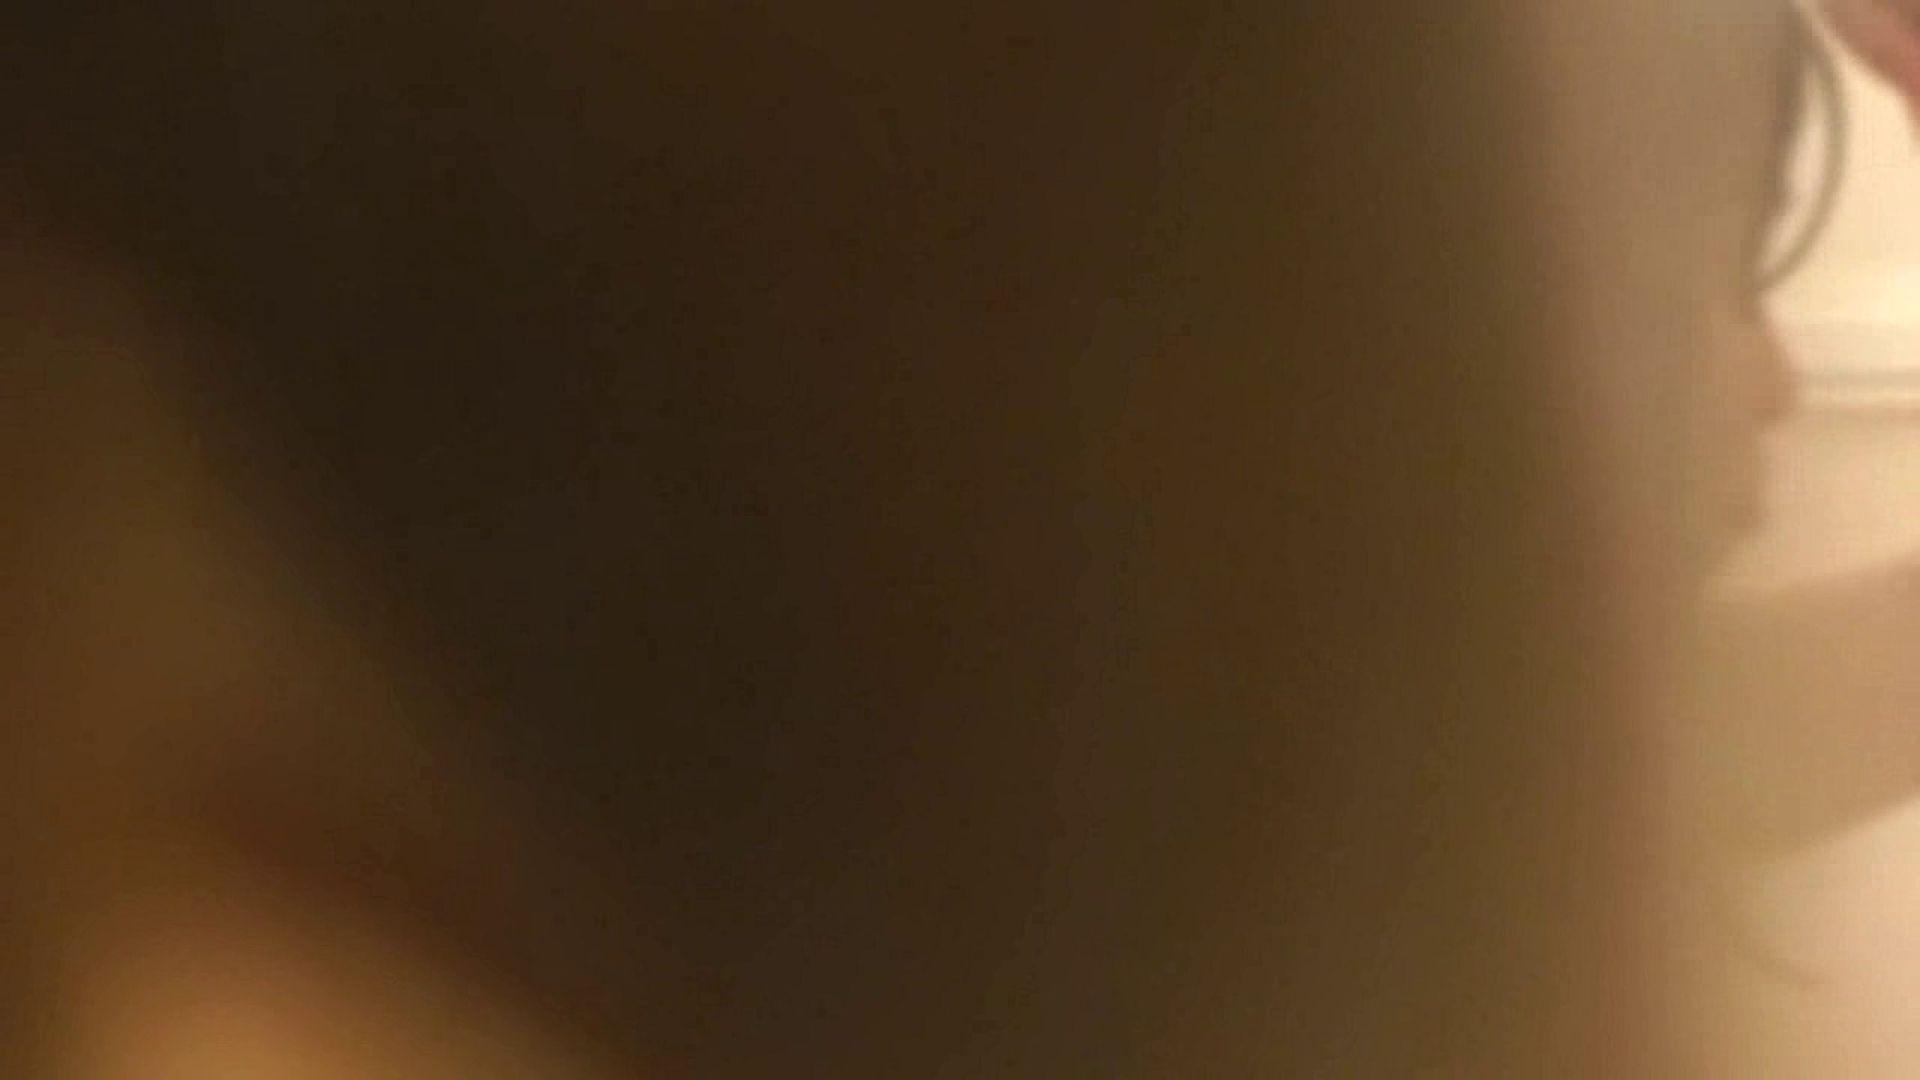 vol.1 Mayumi 窓越しに入浴シーン撮影に成功 いやらしいOL | 0  60連発 34